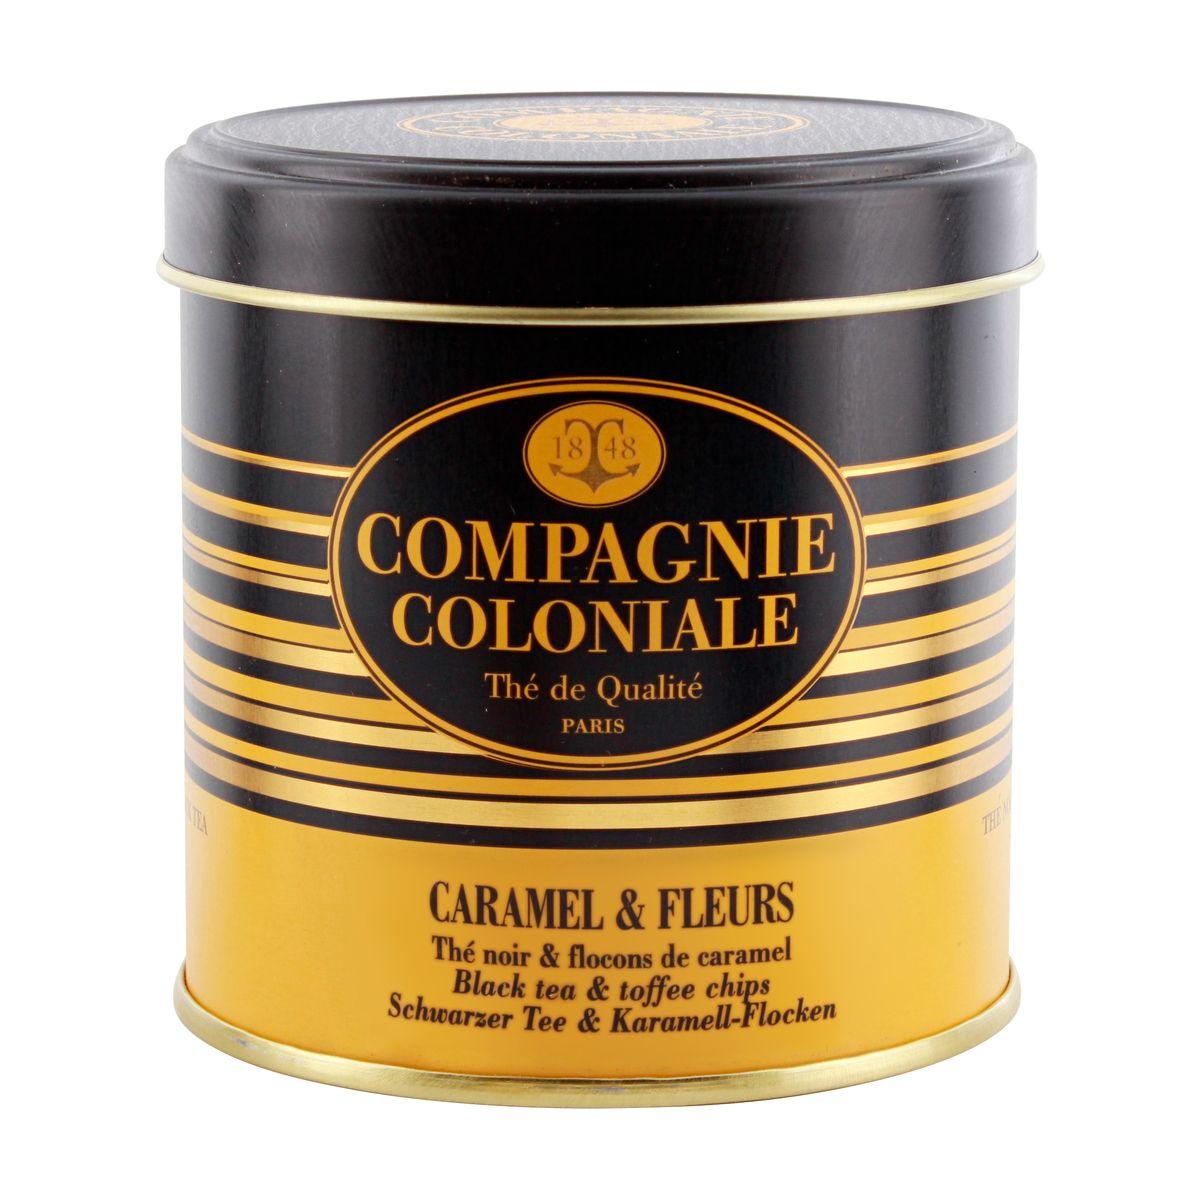 Thé noir aromatisé boîte métal caramel et fleur 120gr - Compagnie Coloniale